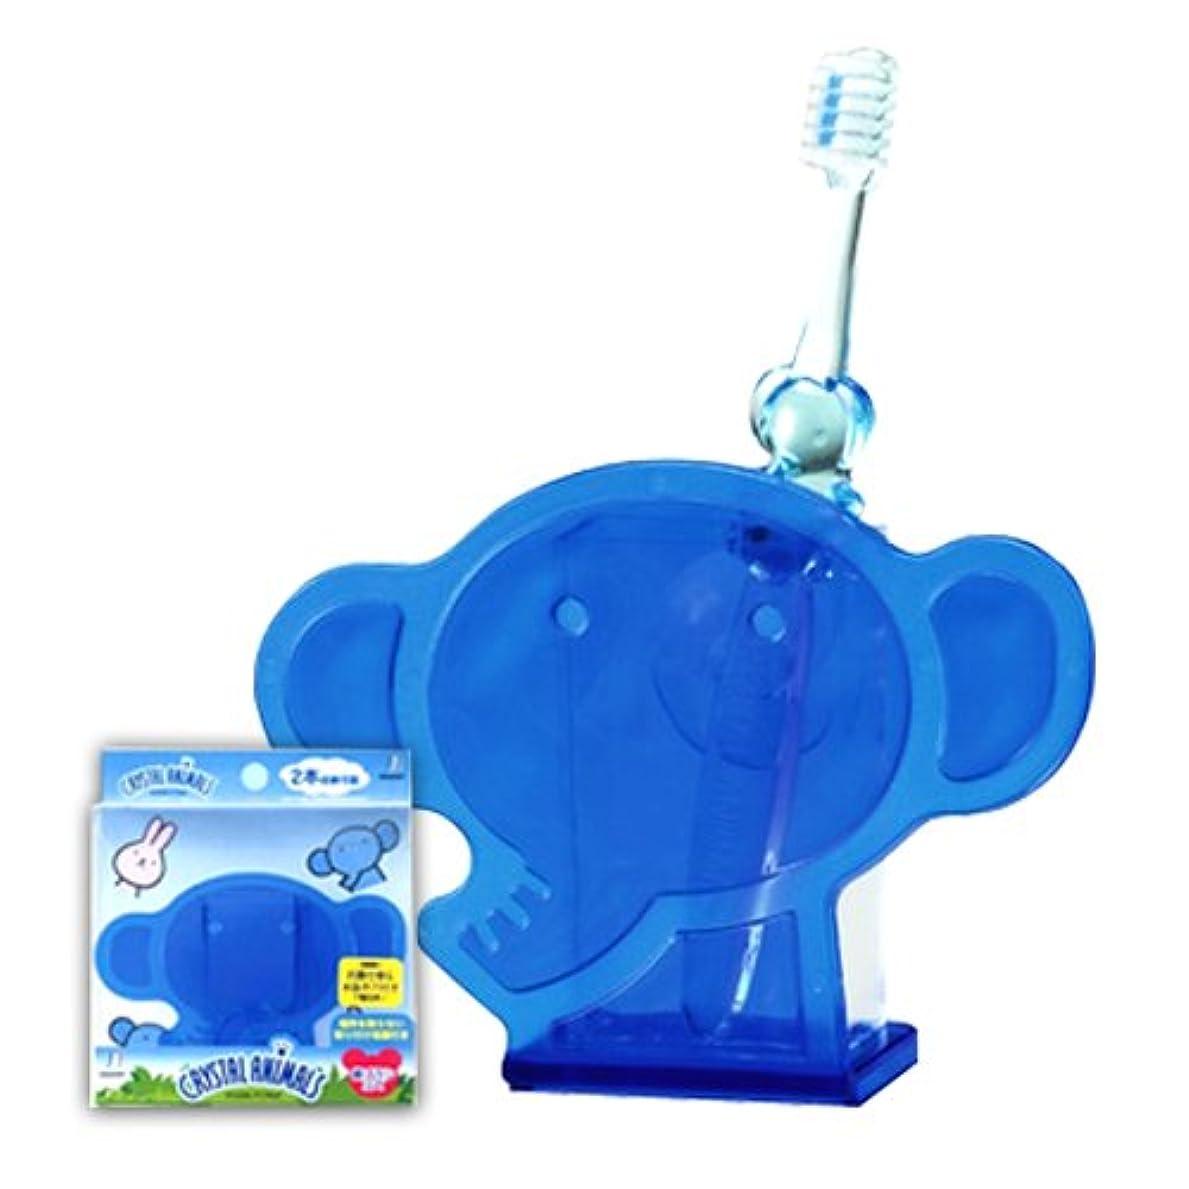 やさしい弾性分泌するクリスタル アニマルズ 歯ブラシ立て 1個 ブルー